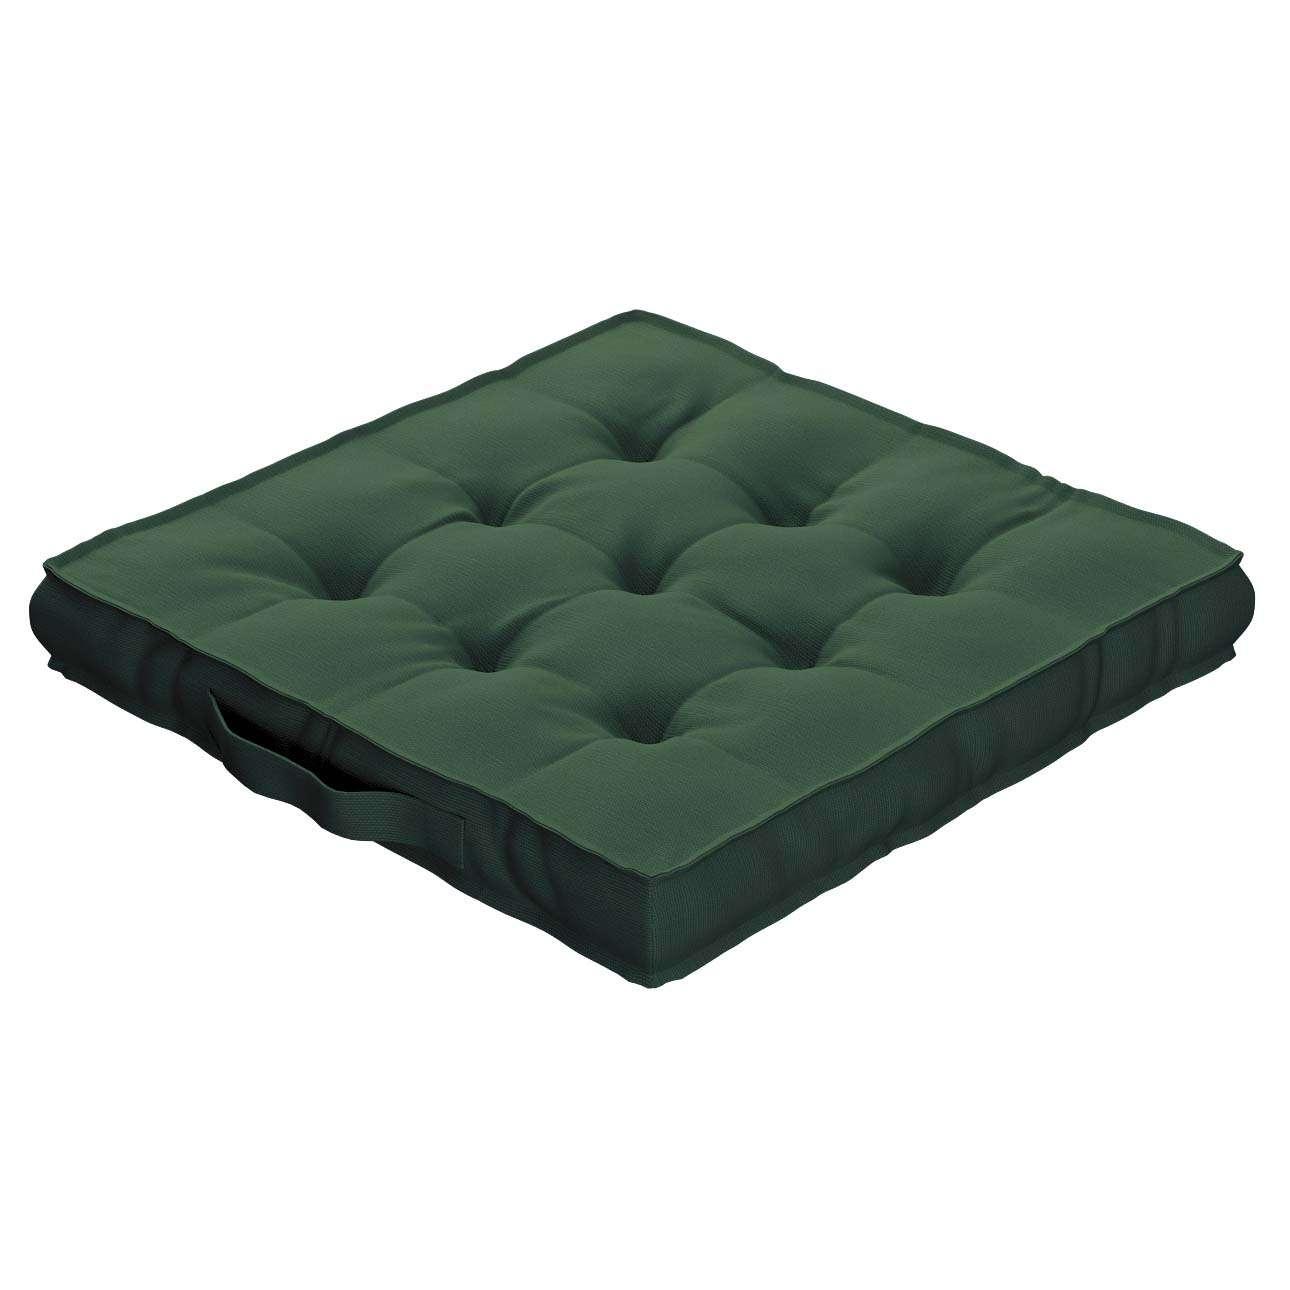 Sitzkissen Jacob mit Handgriff 40 x 40 x 6 cm von der Kollektion Cotton Panama, Stoff: 702-06